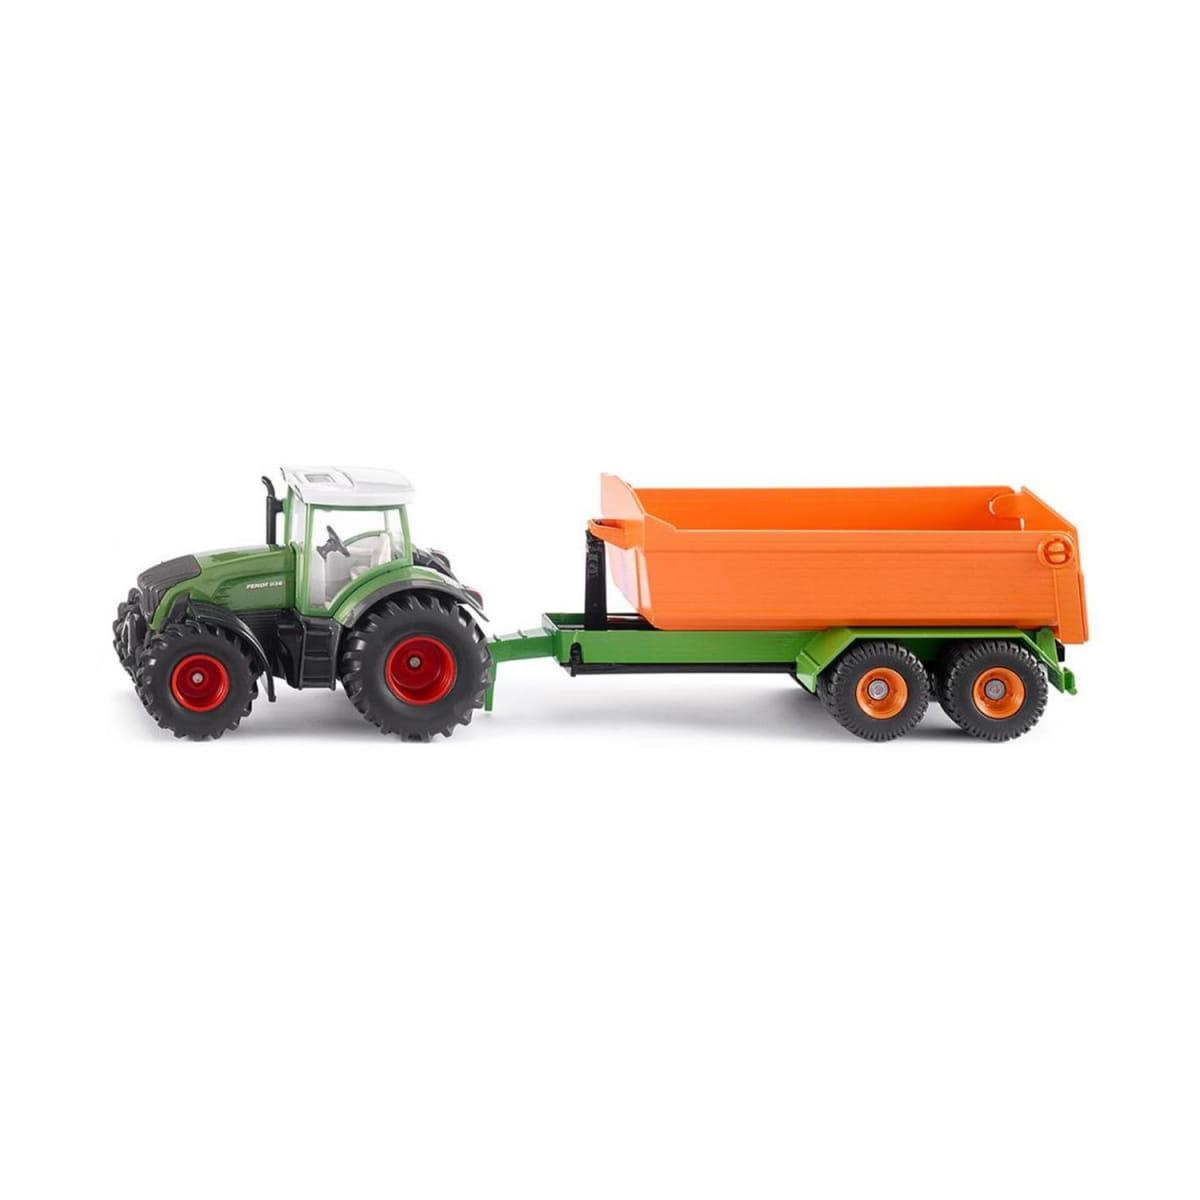 Трактор SIKU Fendt с крюковым прицепом - кузовом